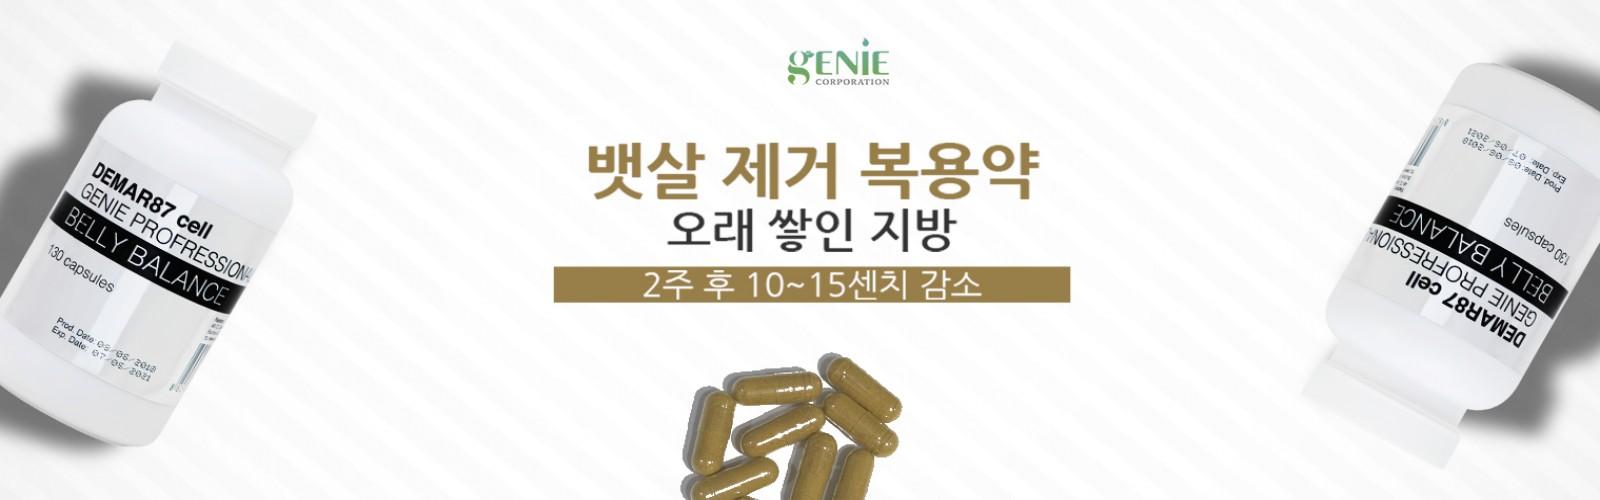 Genie 6